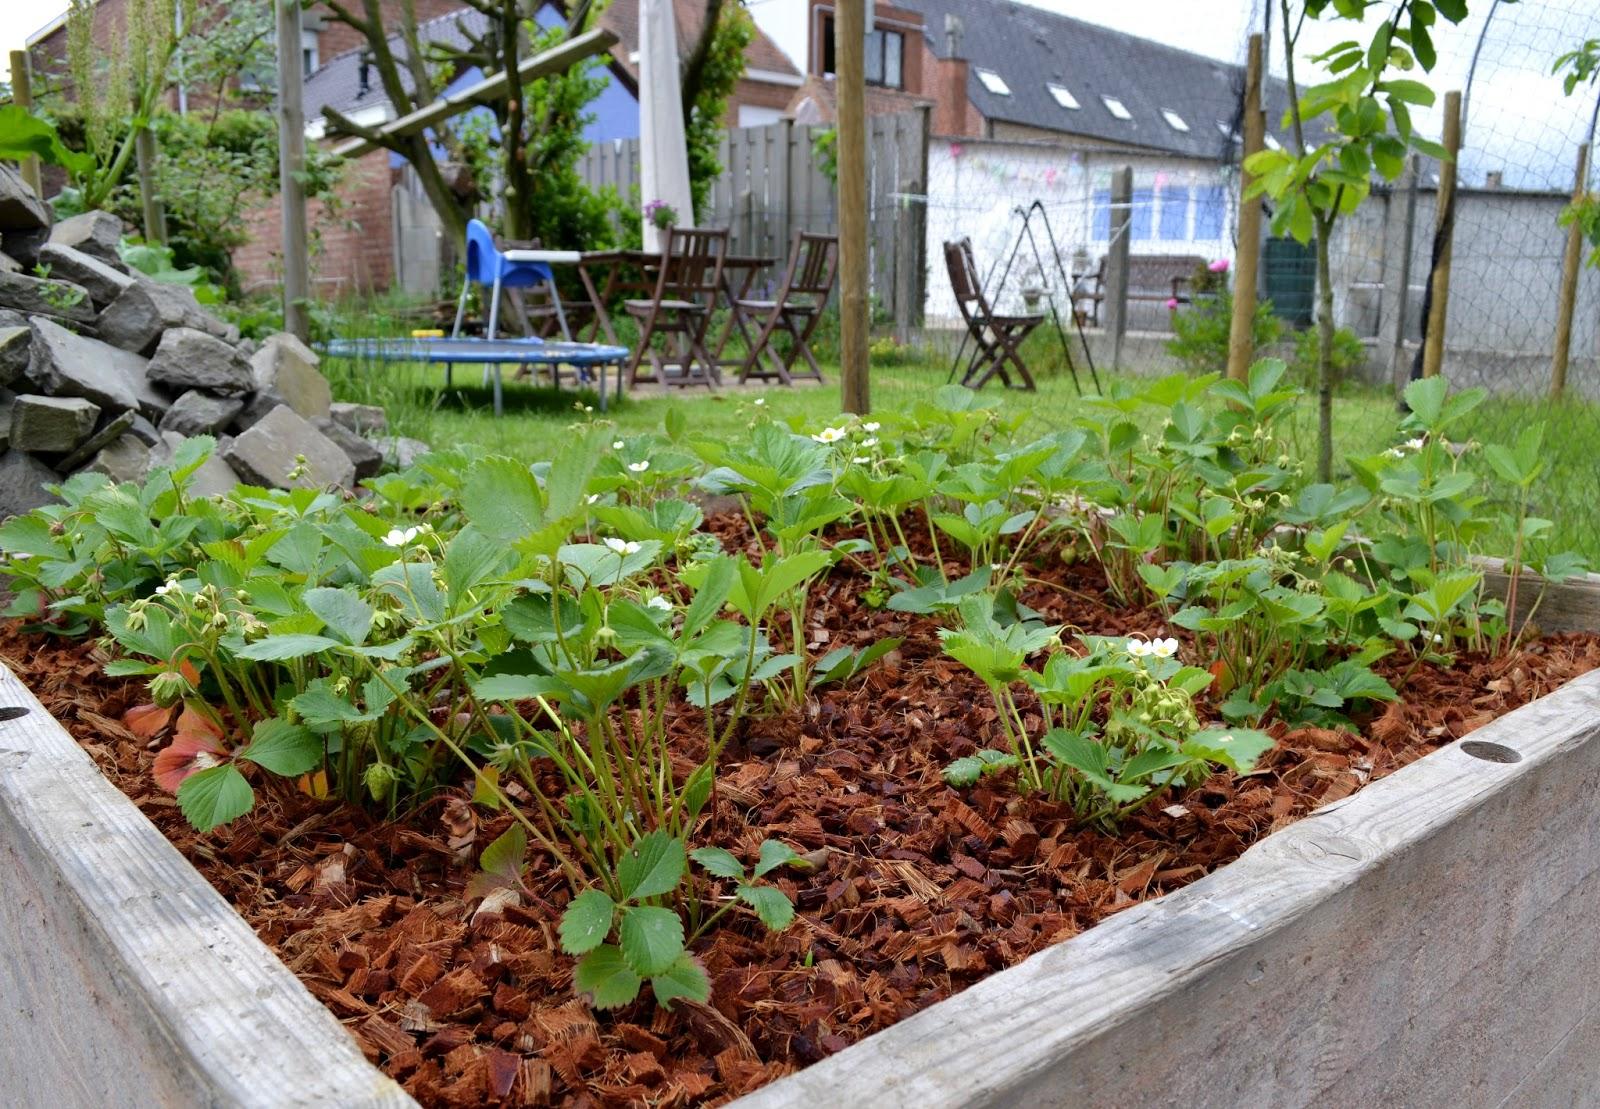 Vierkante Meter Tuin : De vierkante meter tuin